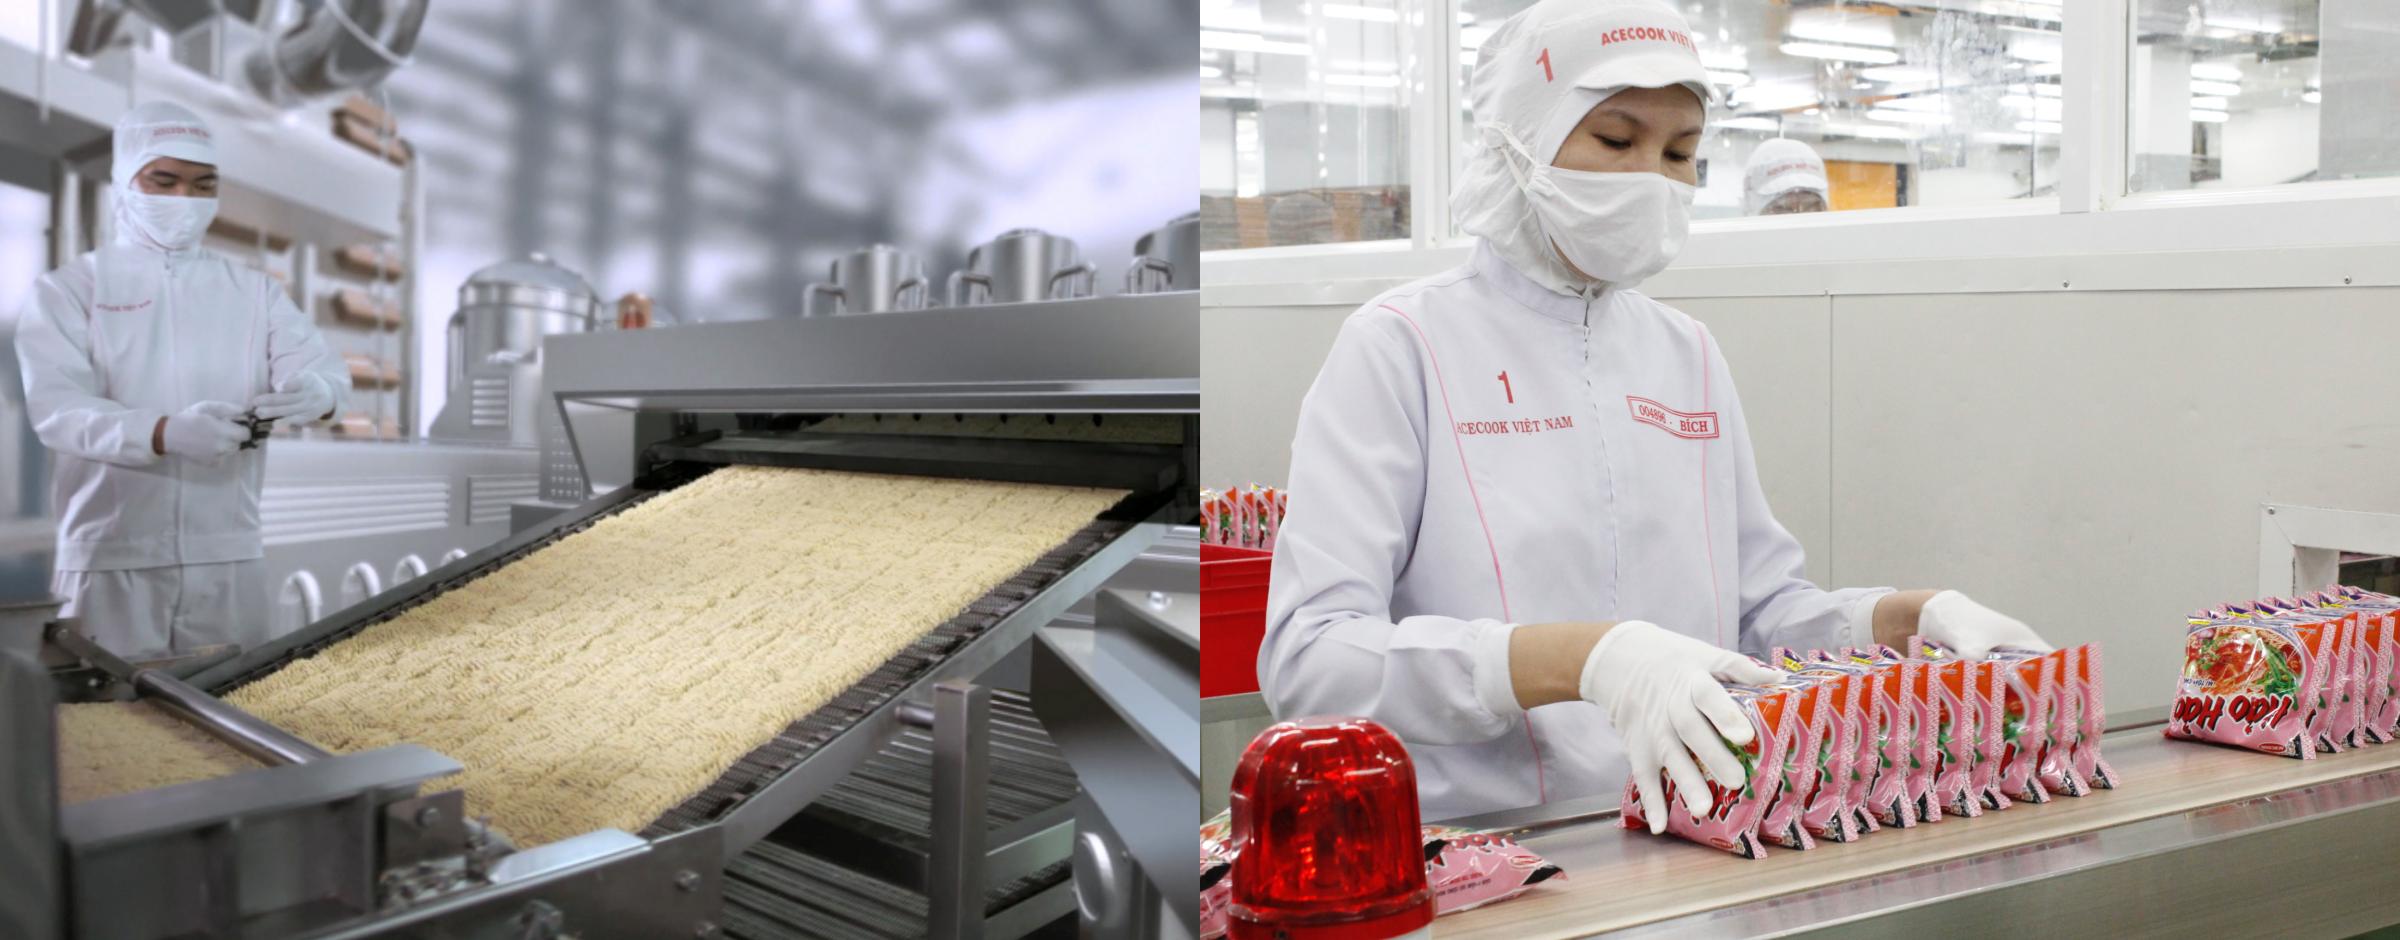 Các khâu sản xuất của Acecook vẫn được duy trì thời dịch.